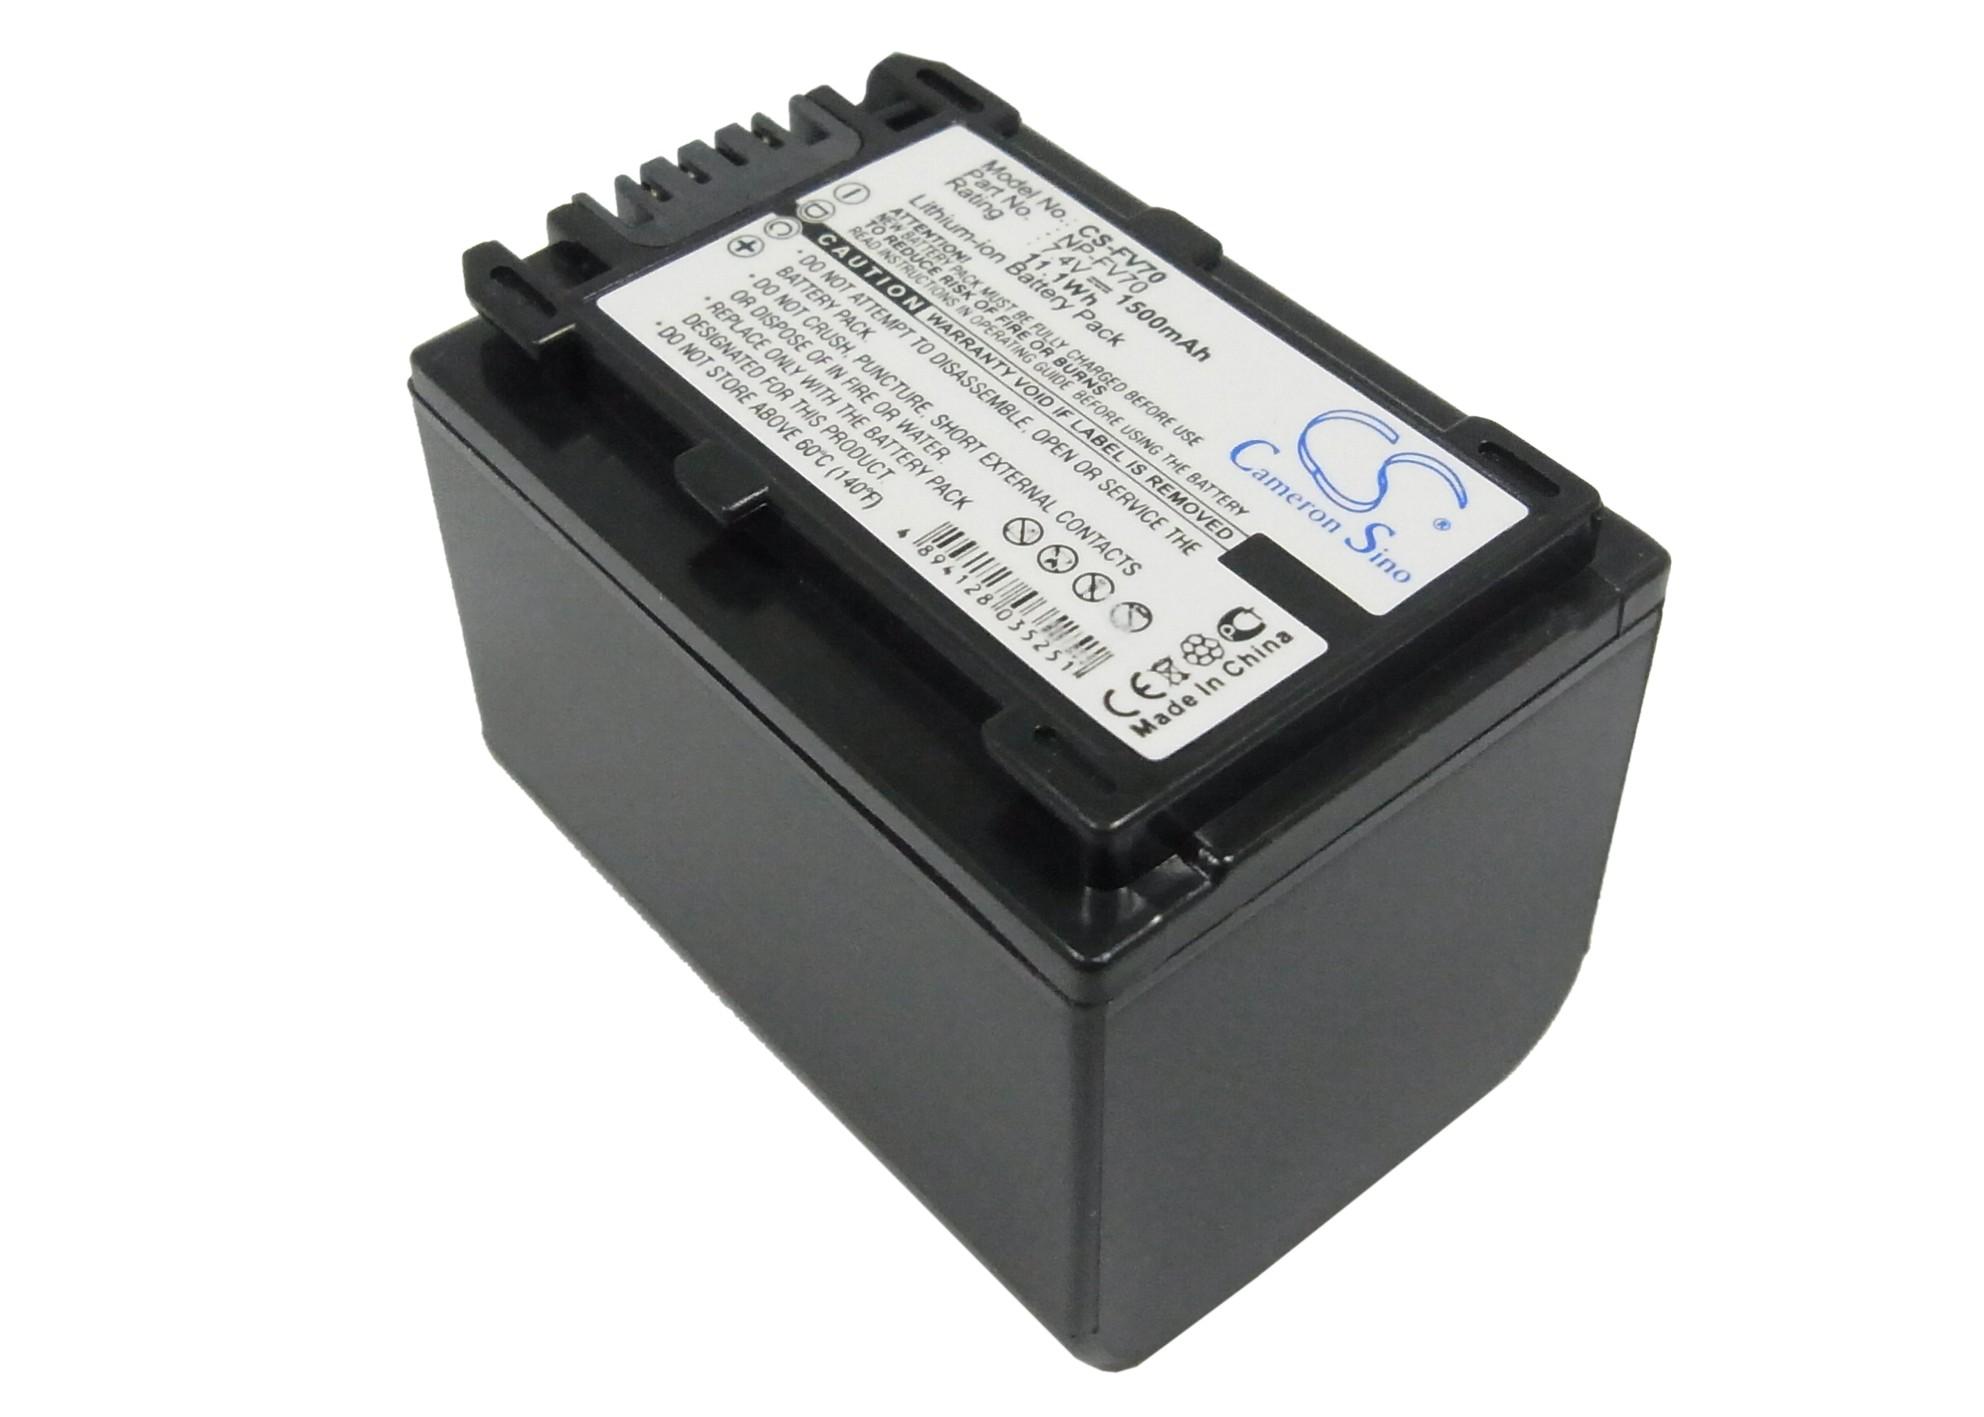 Cameron Sino baterie do kamer a fotoaparátů pro SONY HDR-XR100 7.4V Li-ion 1500mAh černá - neoriginální